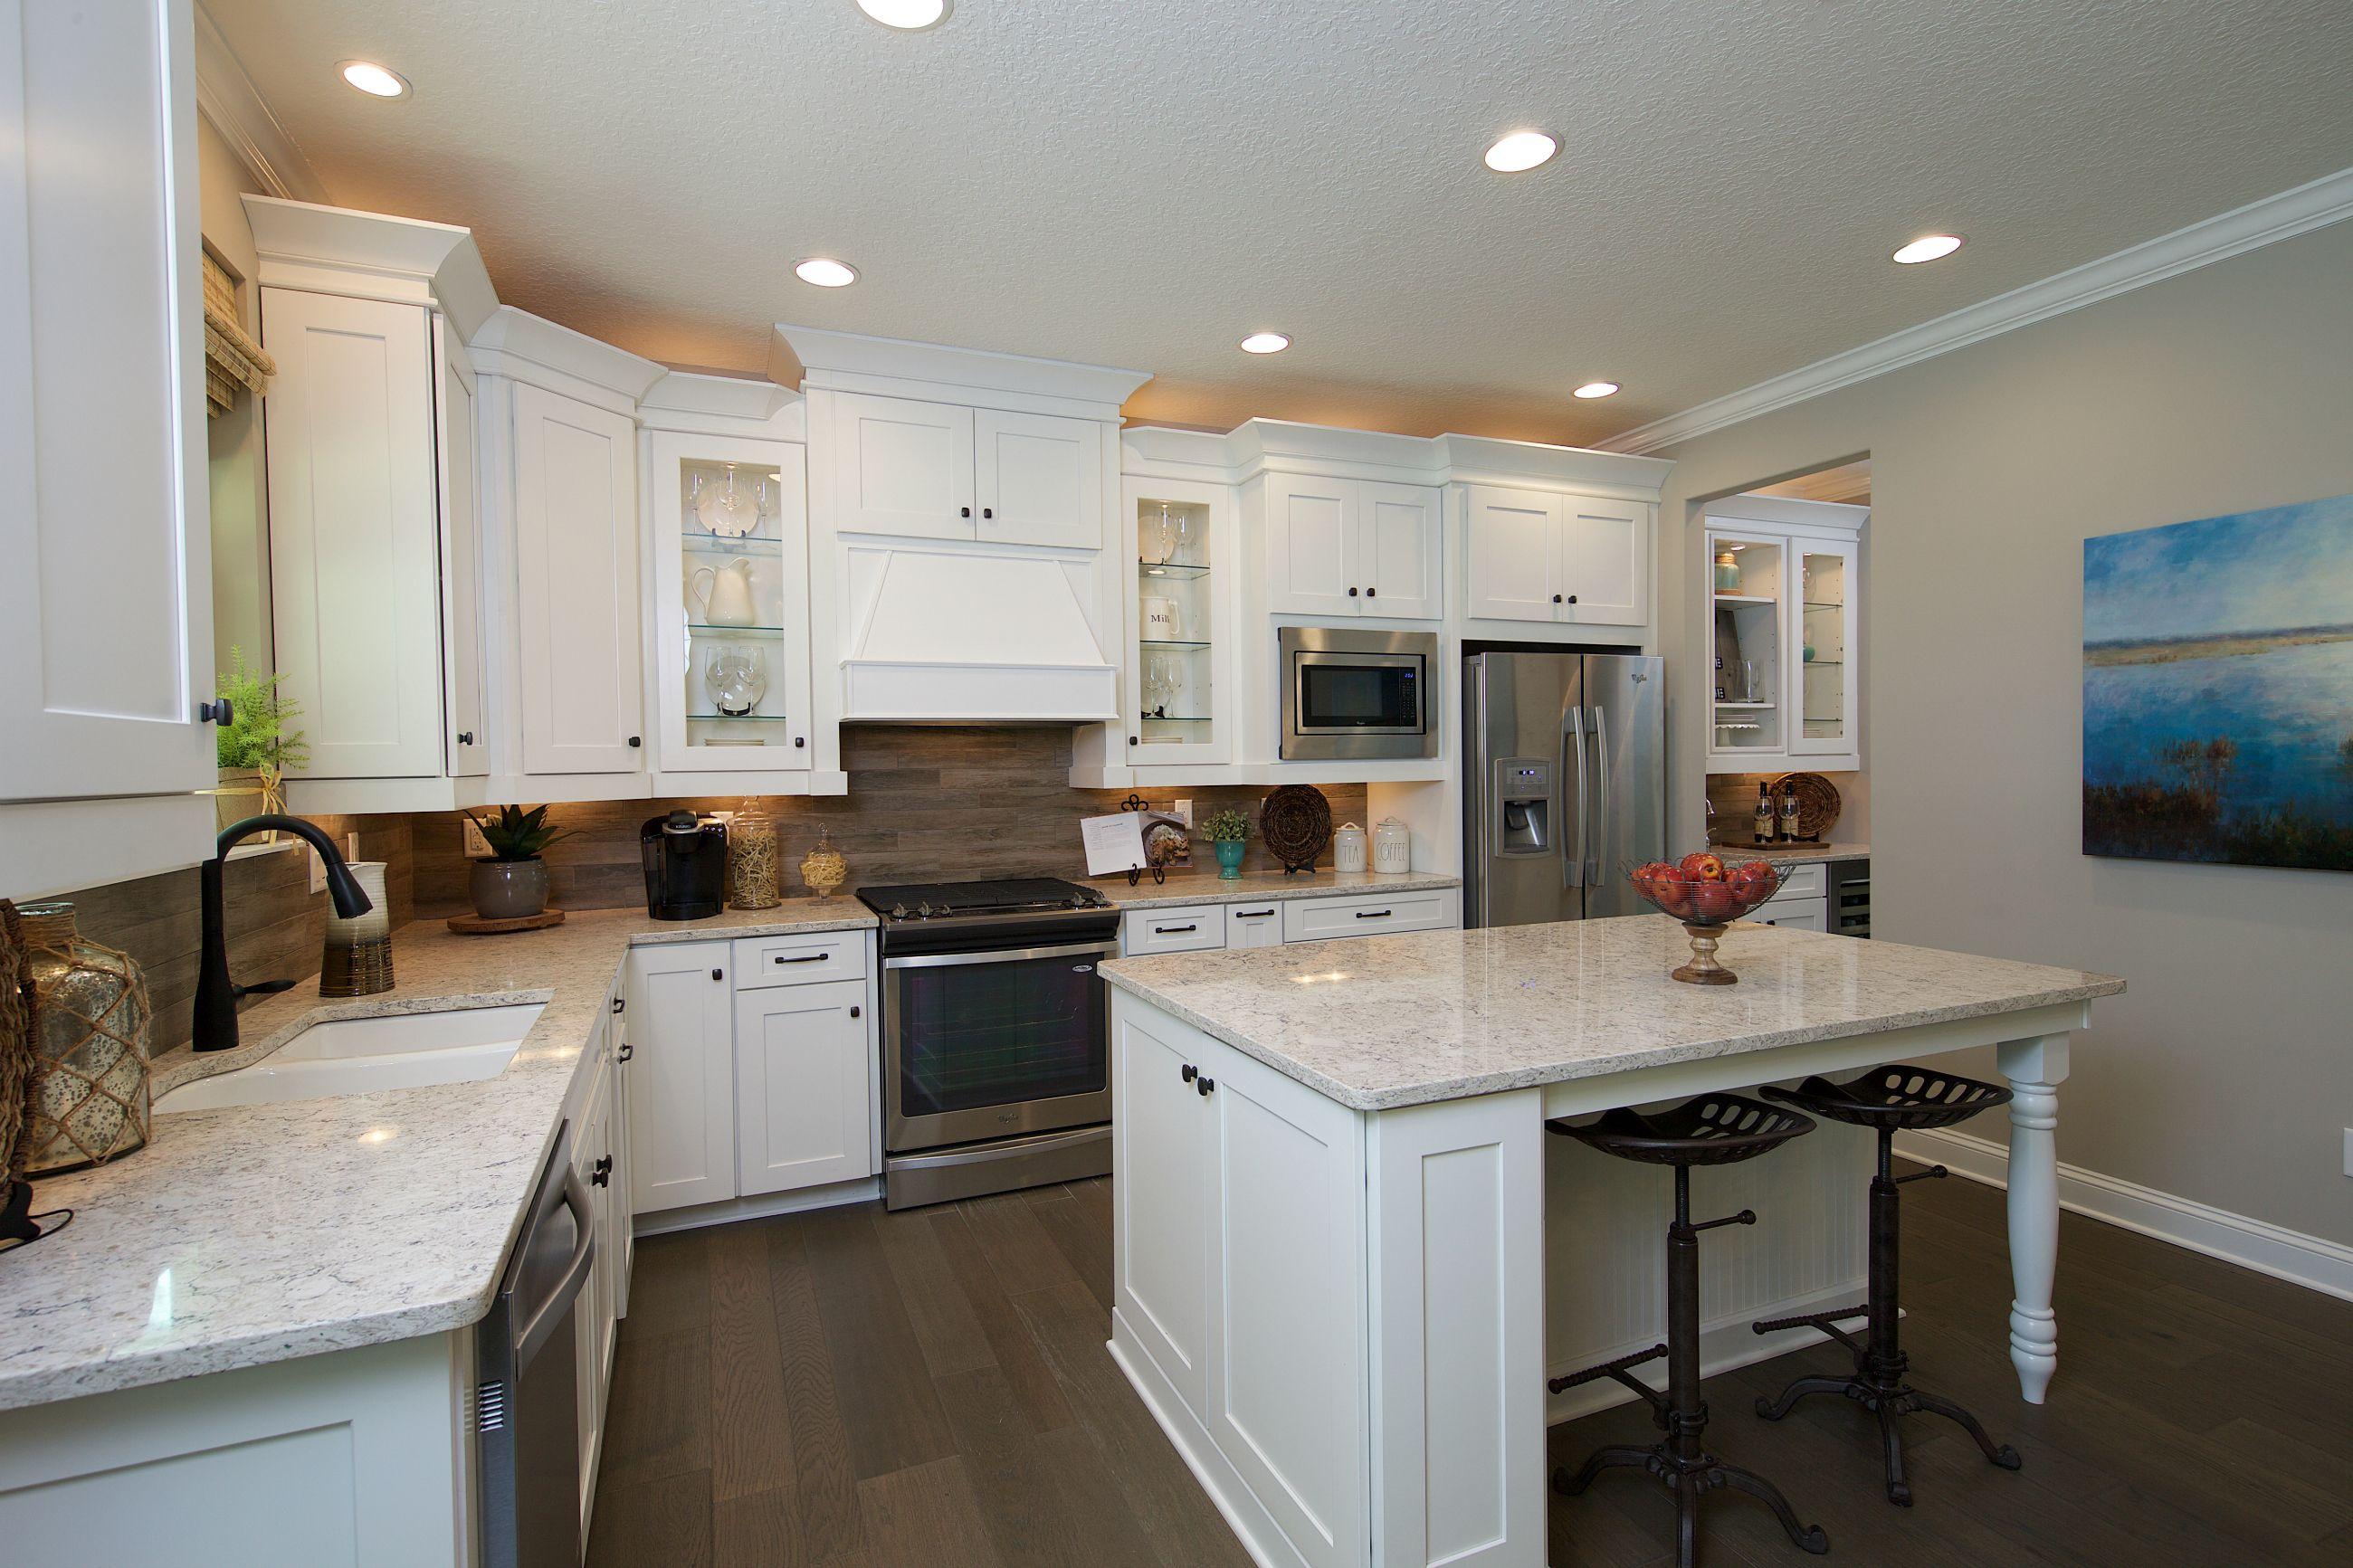 Tradewind Nocatee Kitchen Design Home Kitchens Home